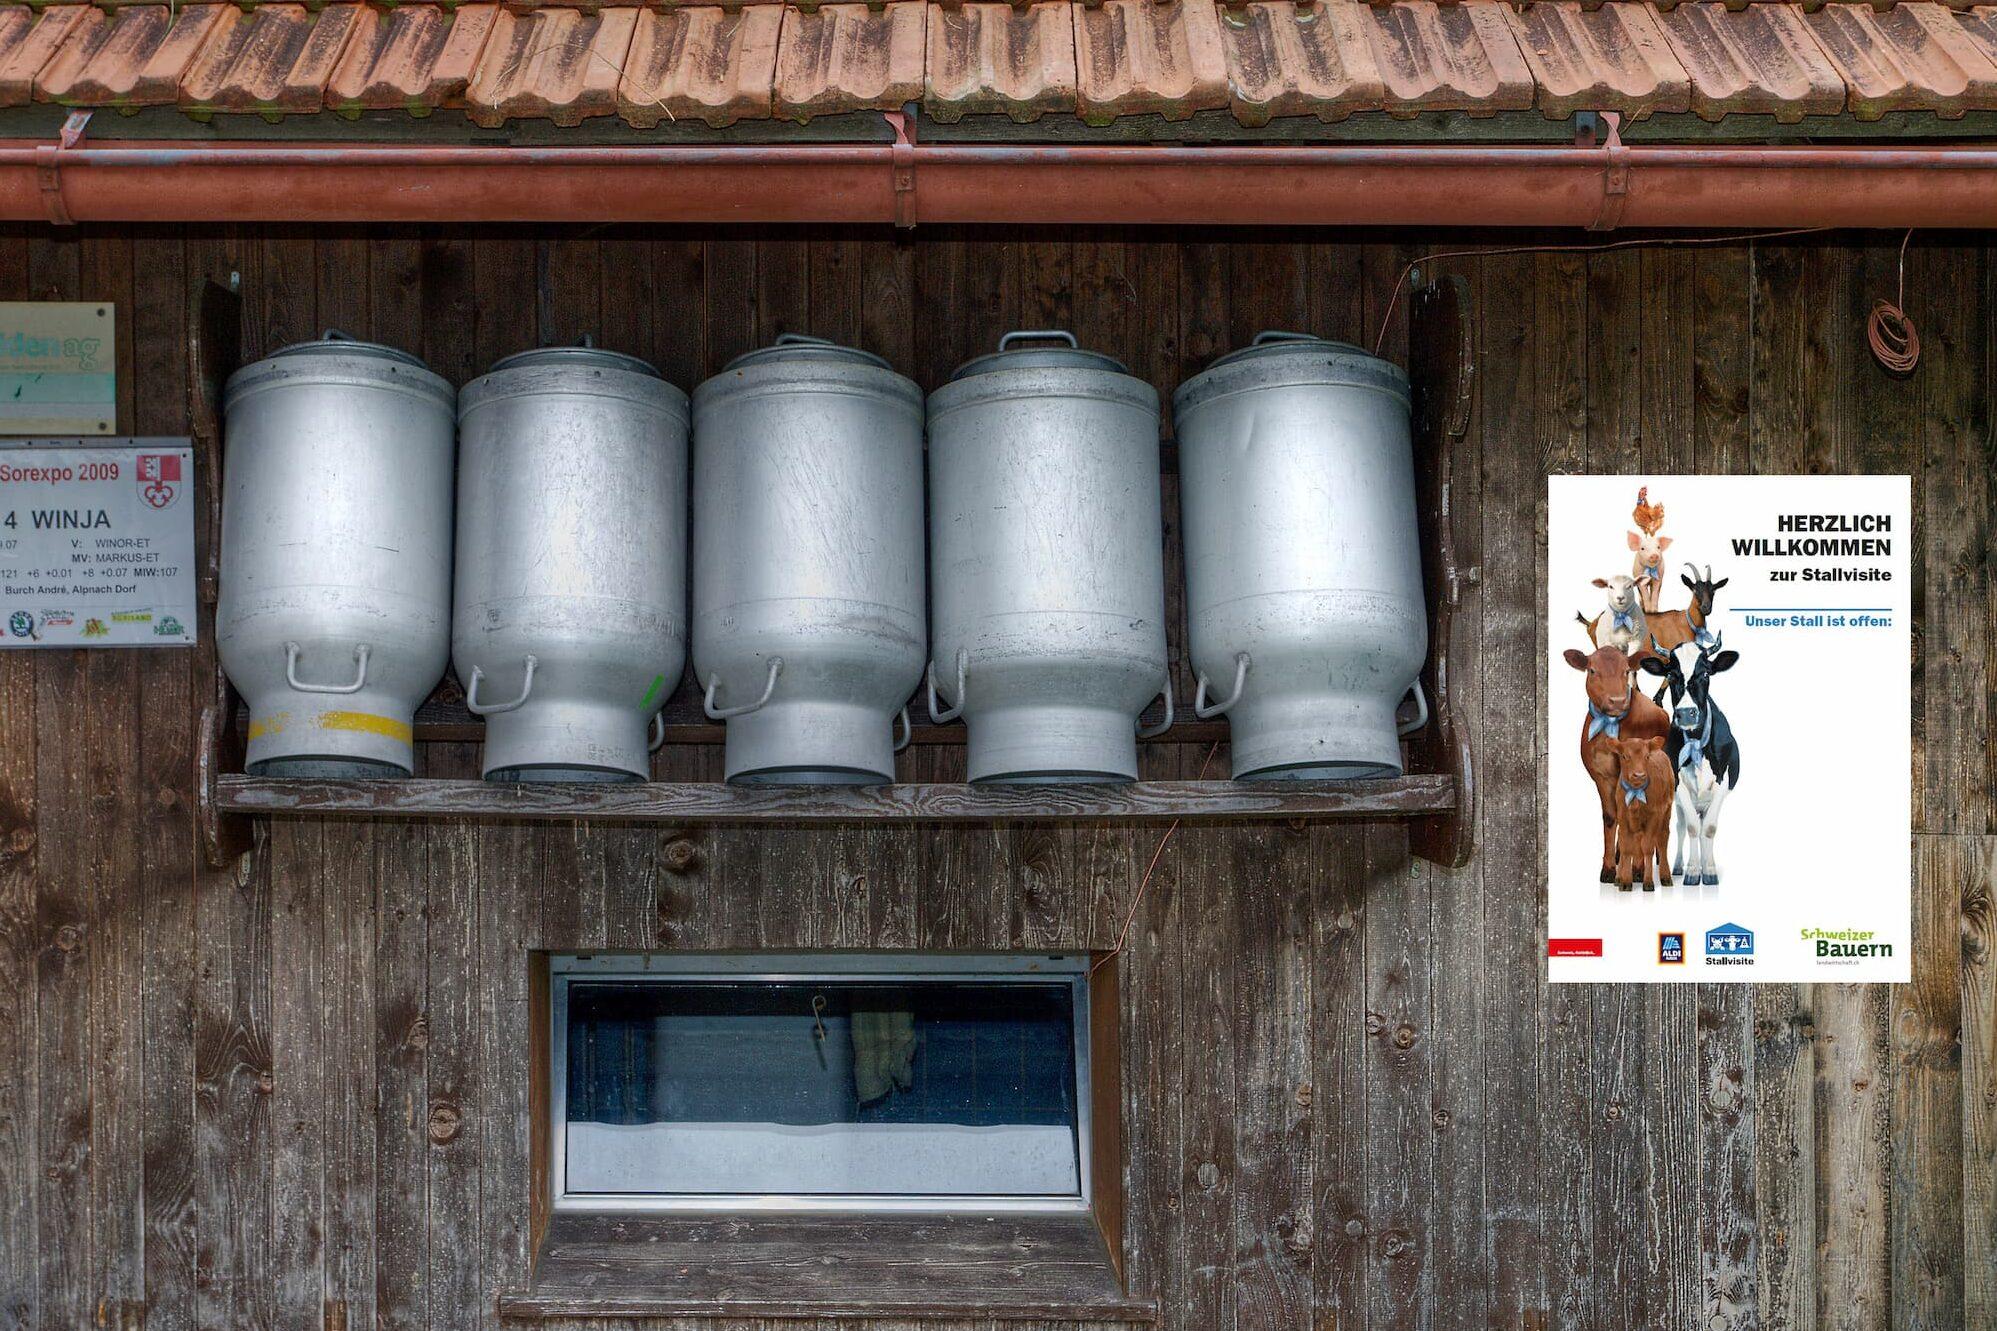 Milchkannen und eine Tafel zur Stallvisite an der Scheunenwand.